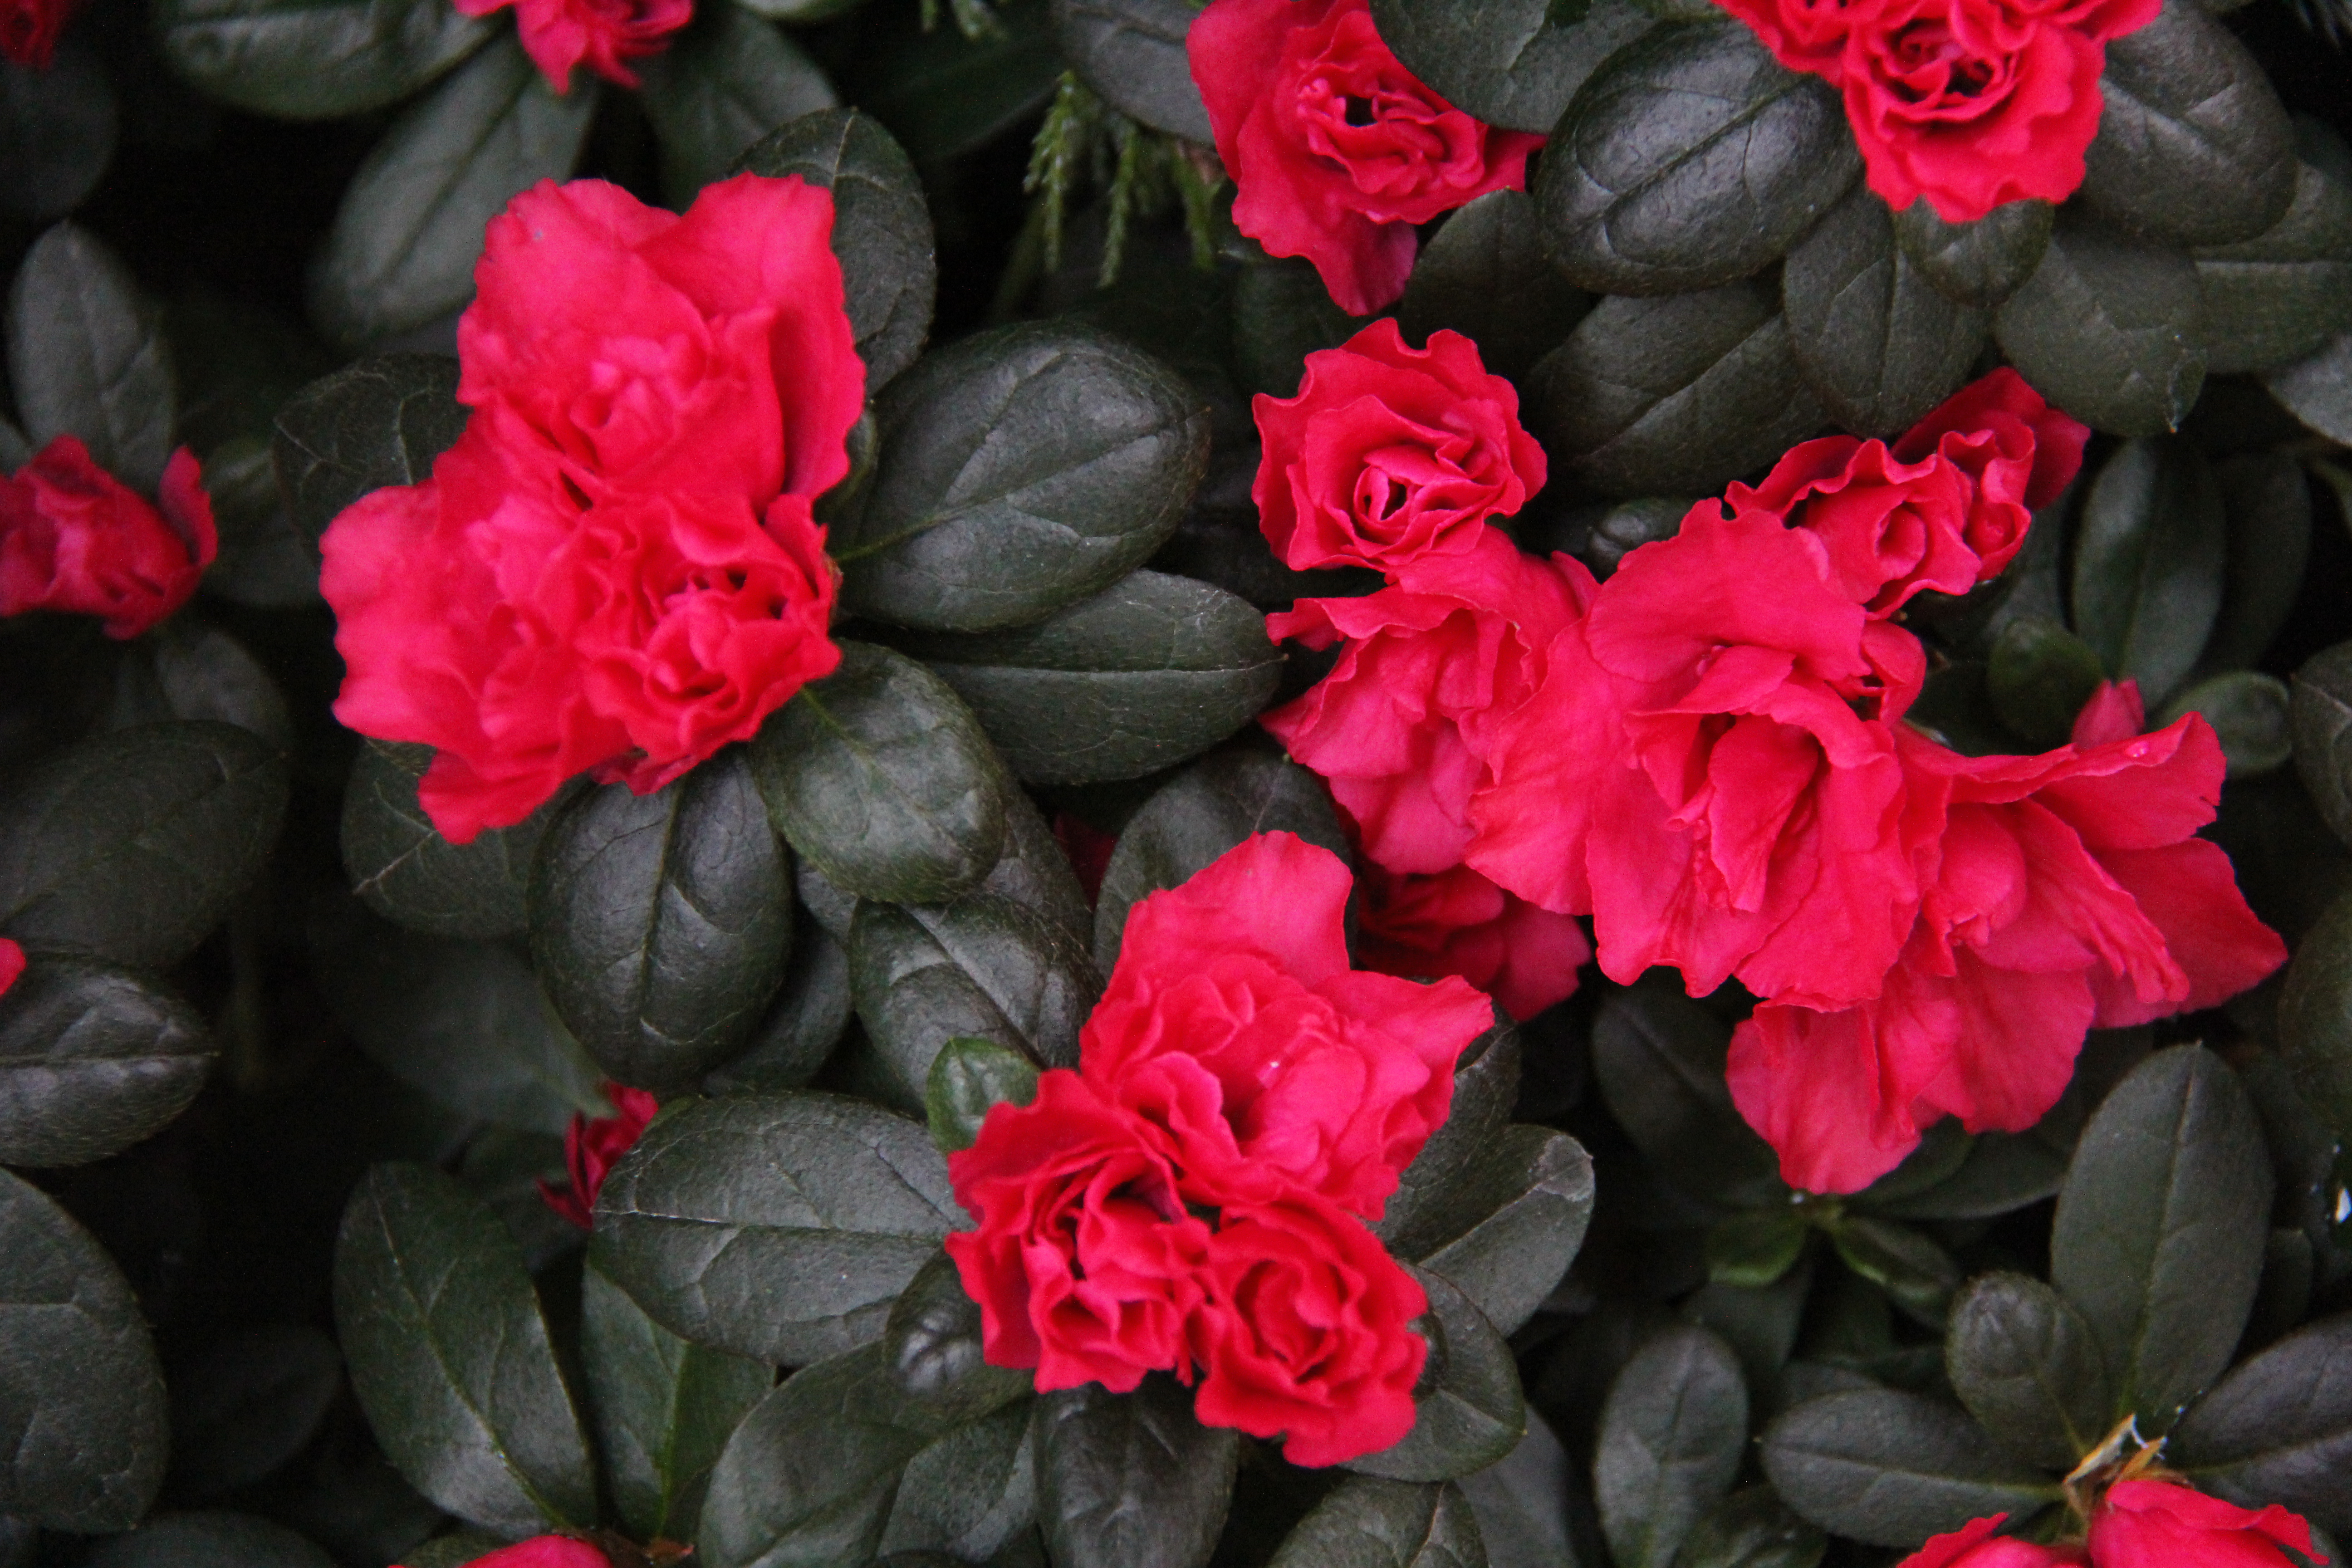 Red glowing fleurs 4 x 6